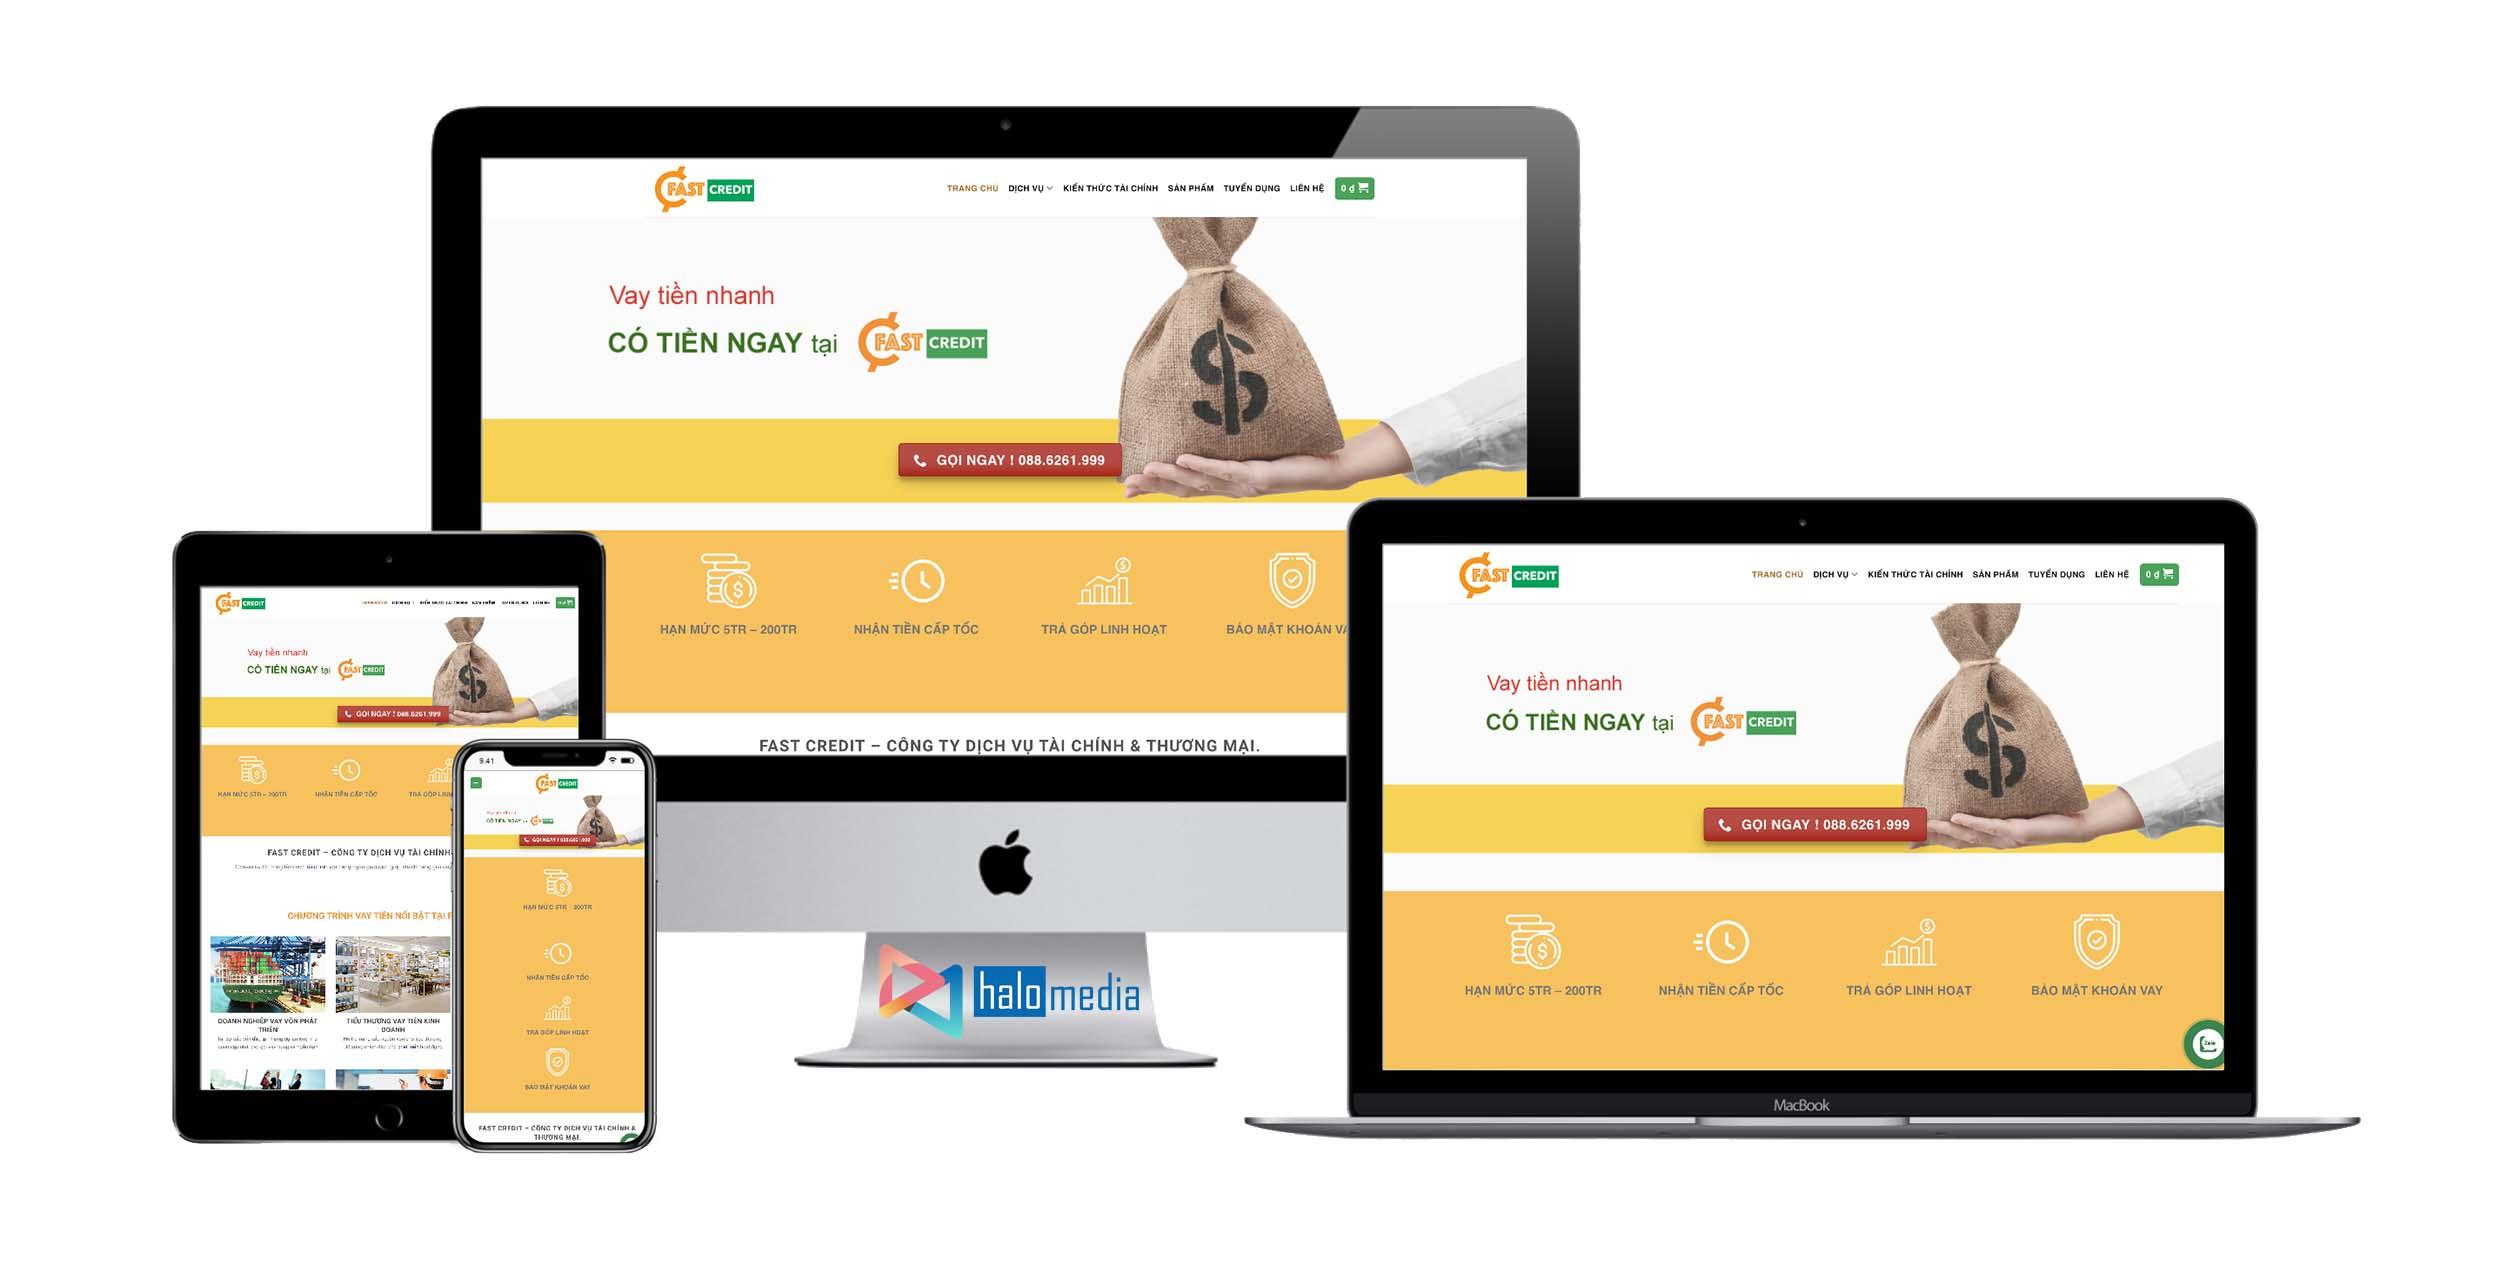 Thiết kế Website Công Ty Dịch Vụ Tài Chính